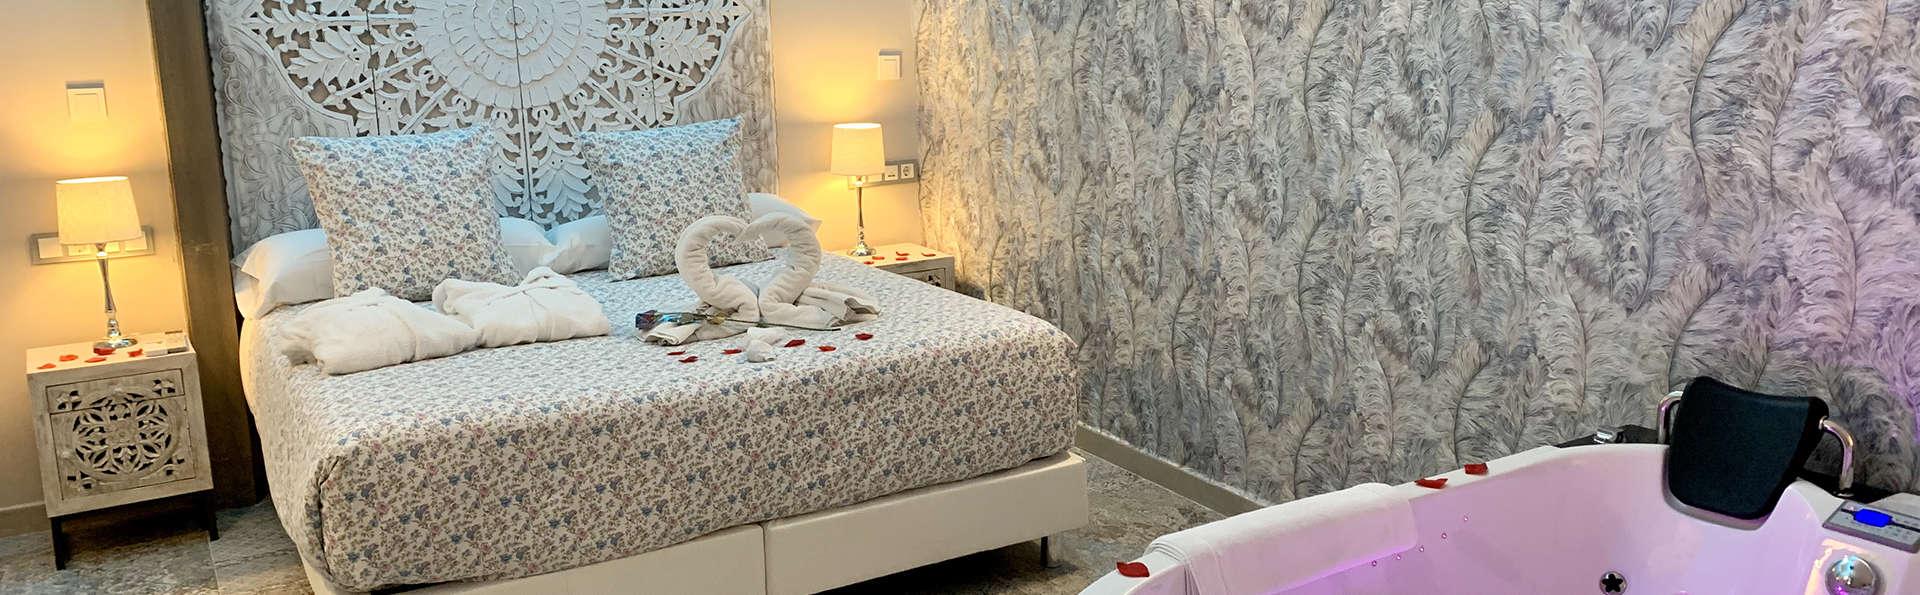 Escapada Romántica in Suite con jacuzzi, 1h de spa privado y cava en el centro de Mérida